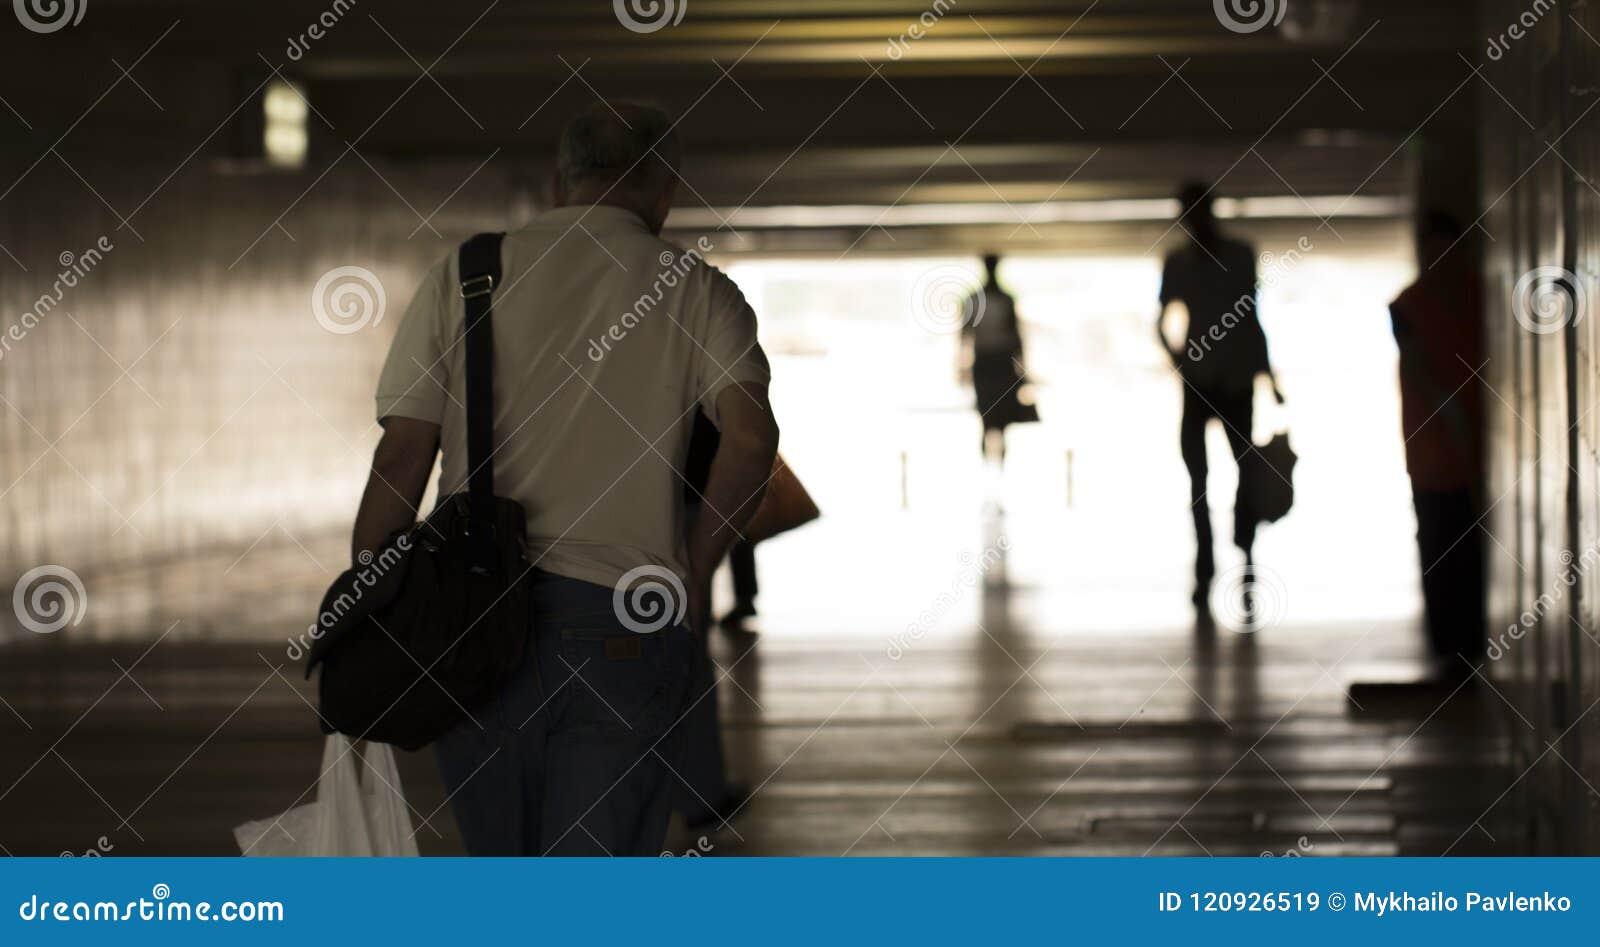 Siluette della gente che cammina in un tunnel scuro contro un incandescenza bianca